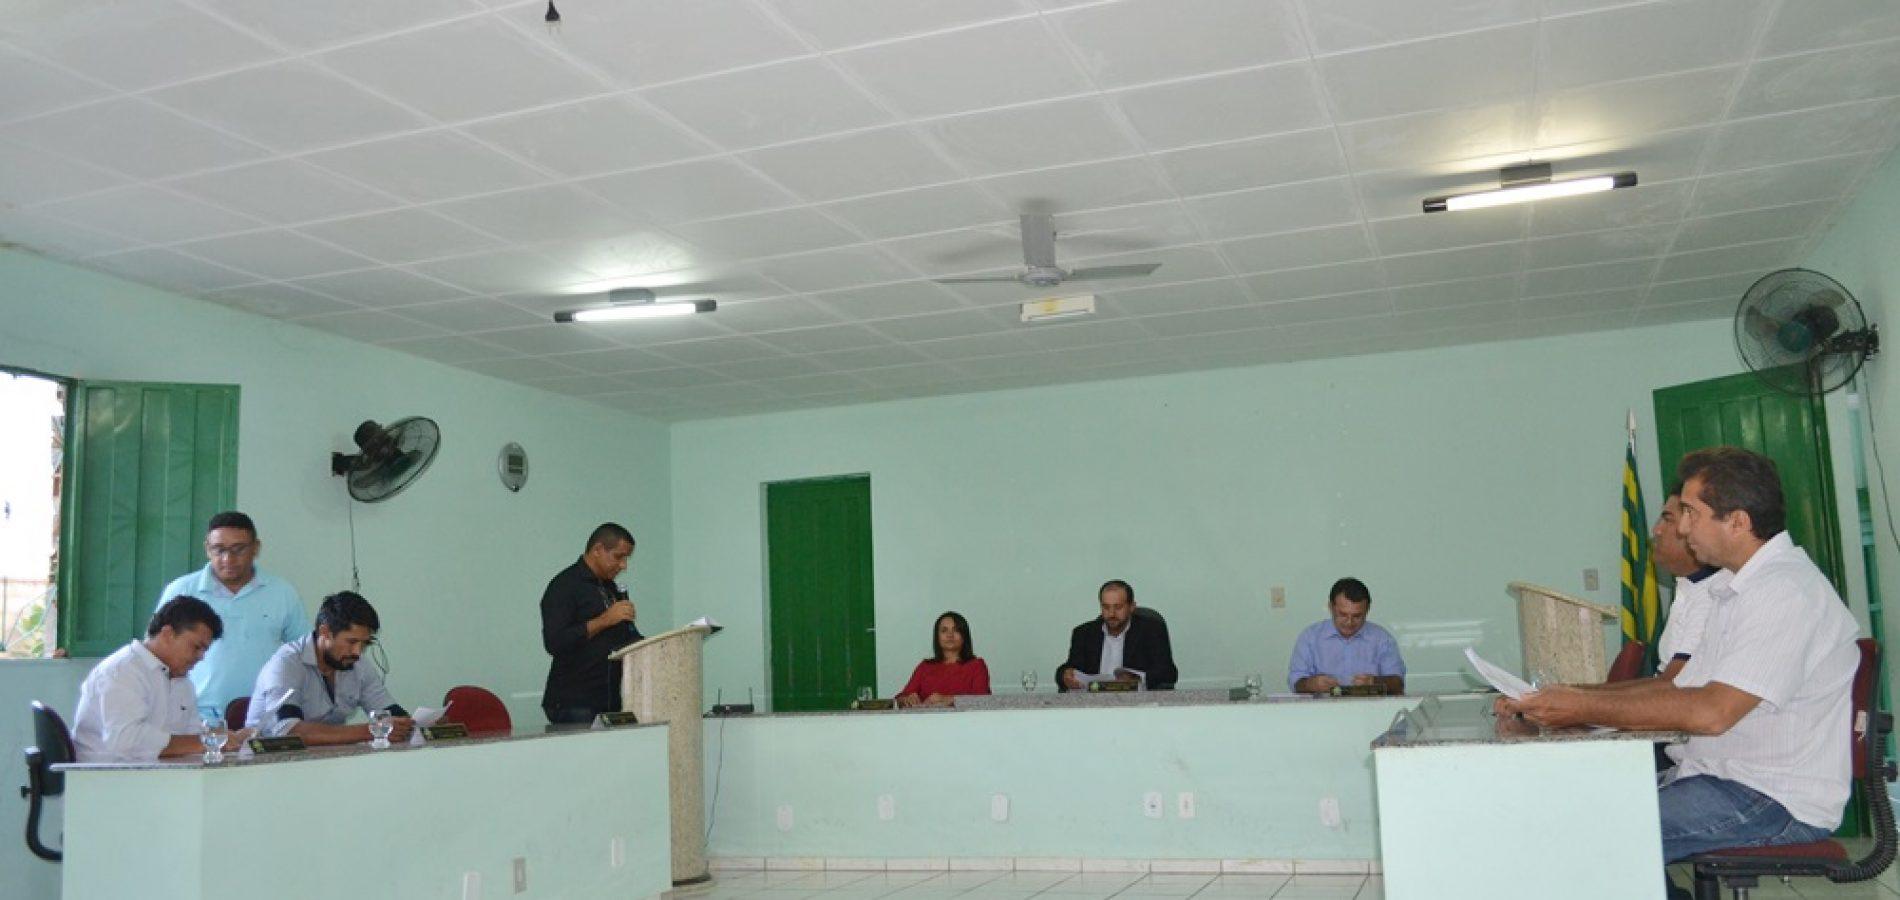 Câmara Municipal de Belém aprova Orçamento do município para 2017